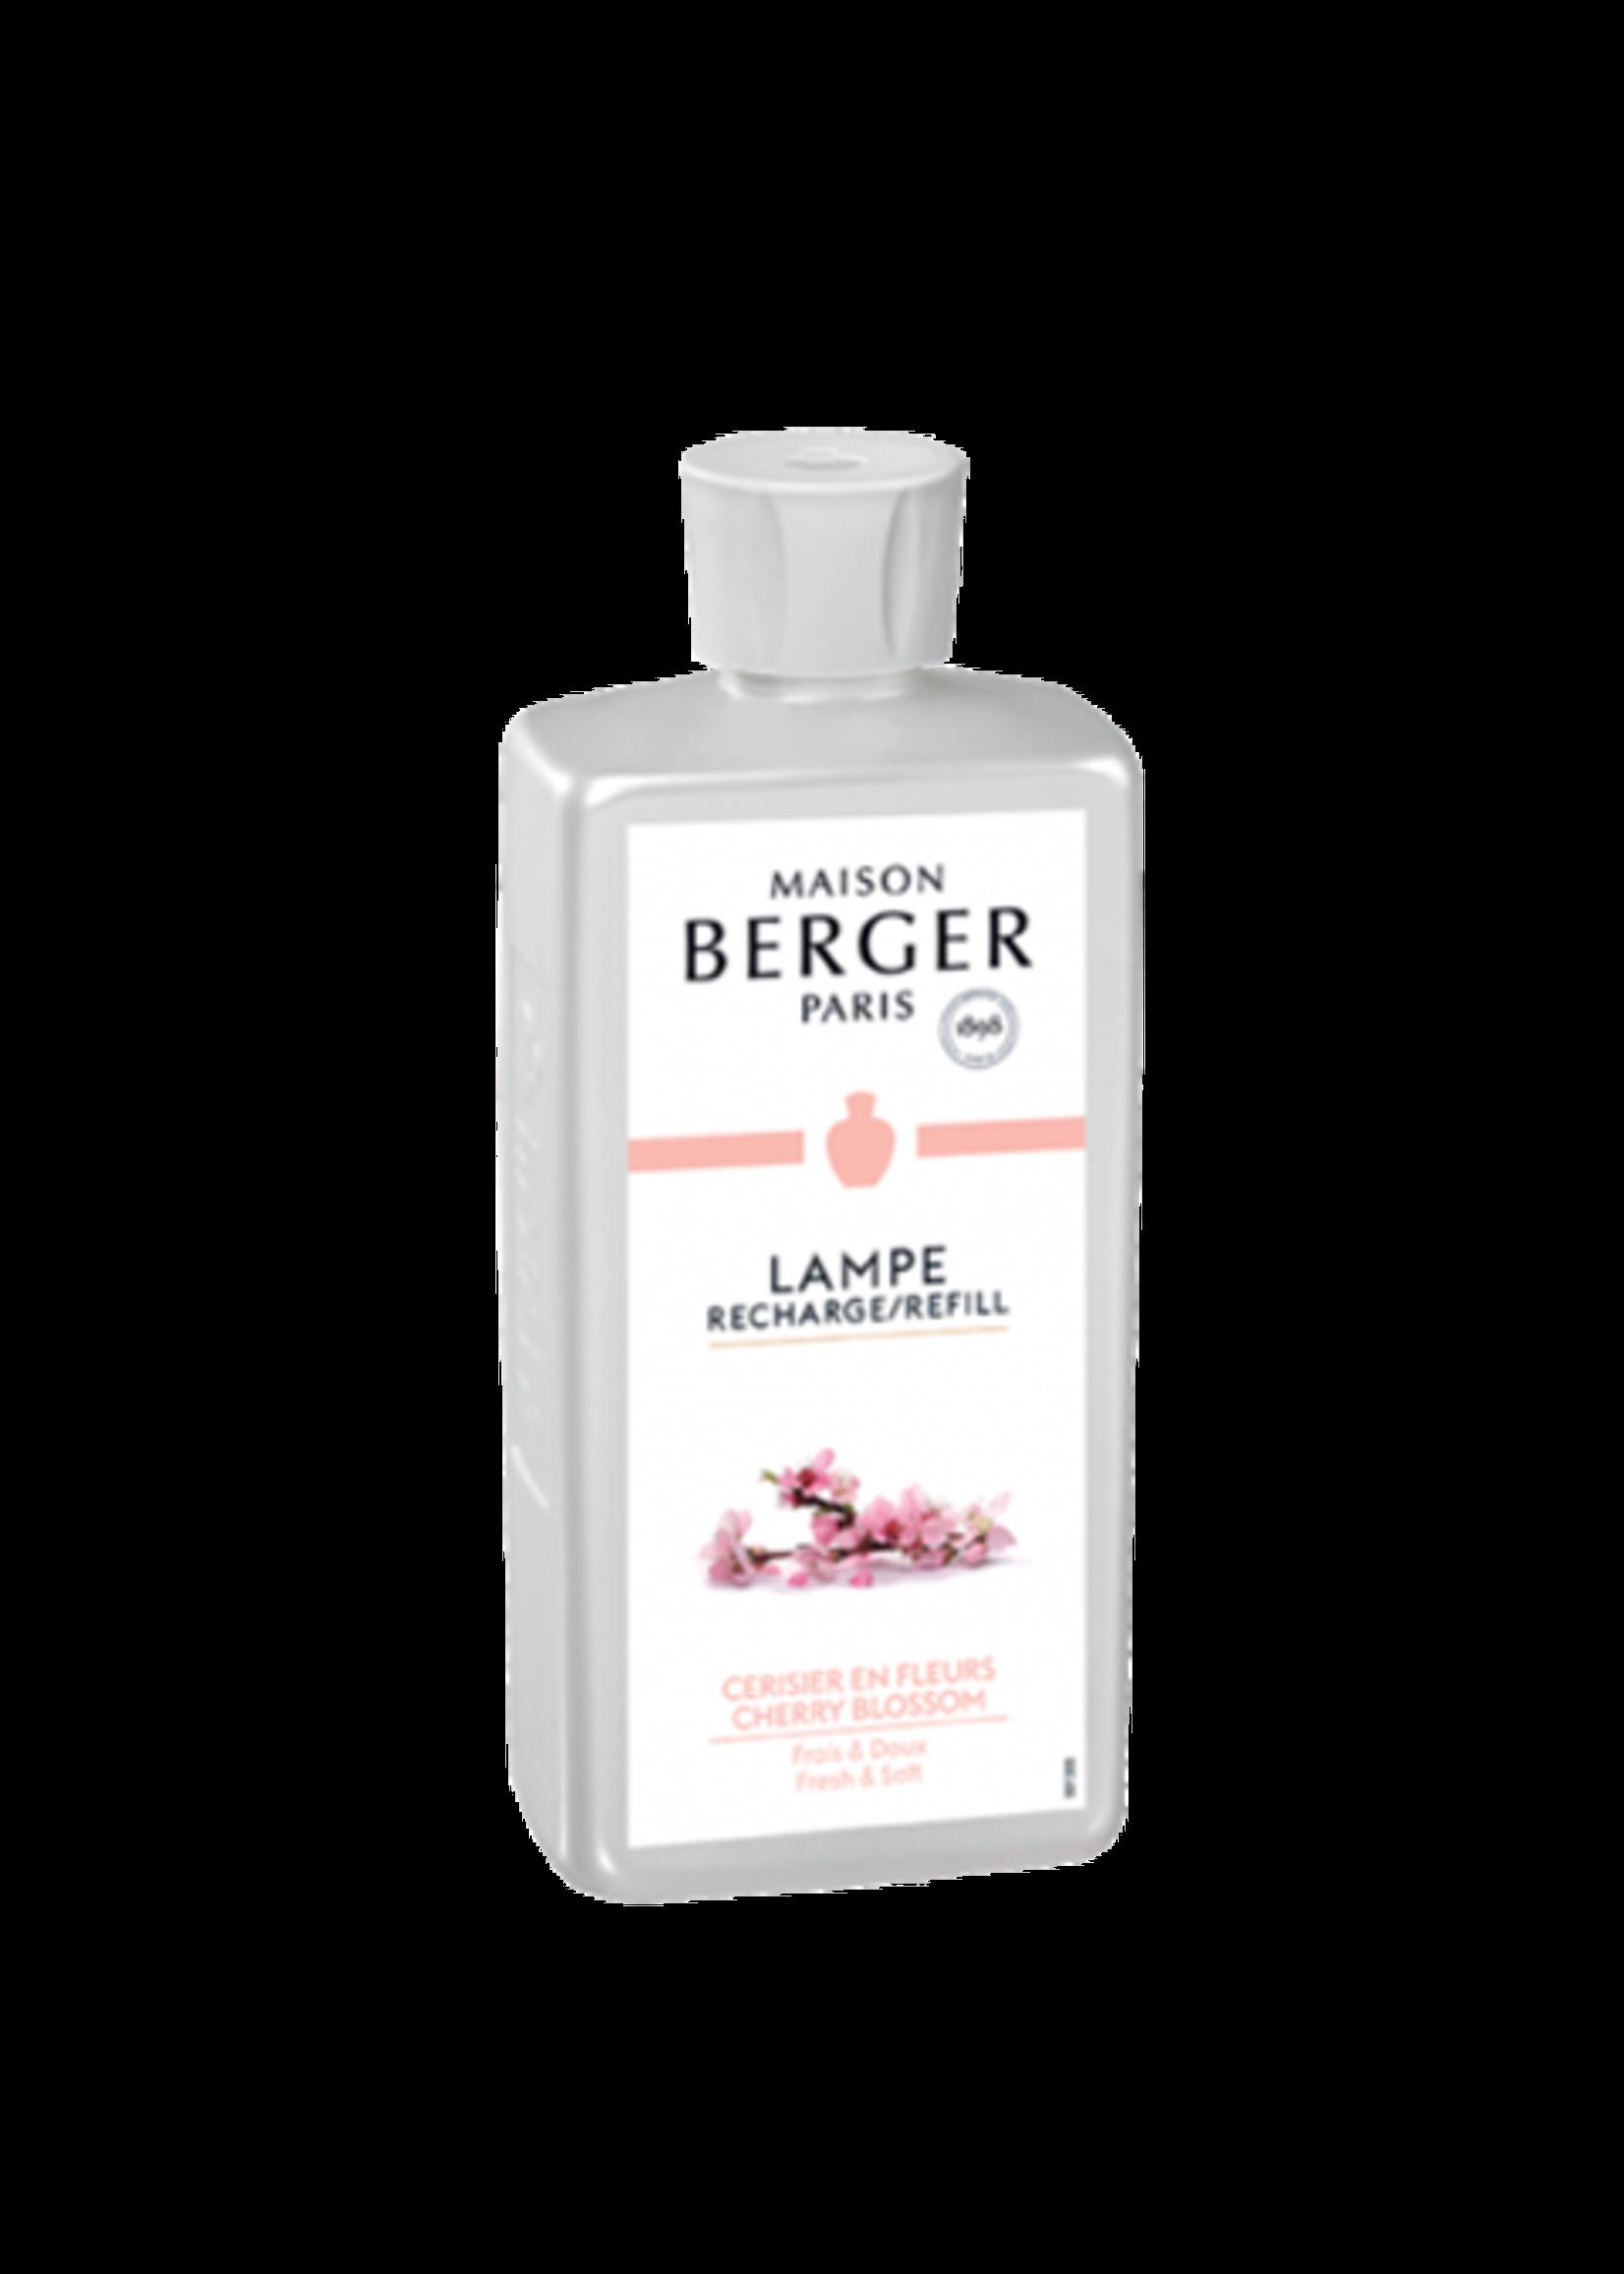 Maison Berger Cherry Blossom